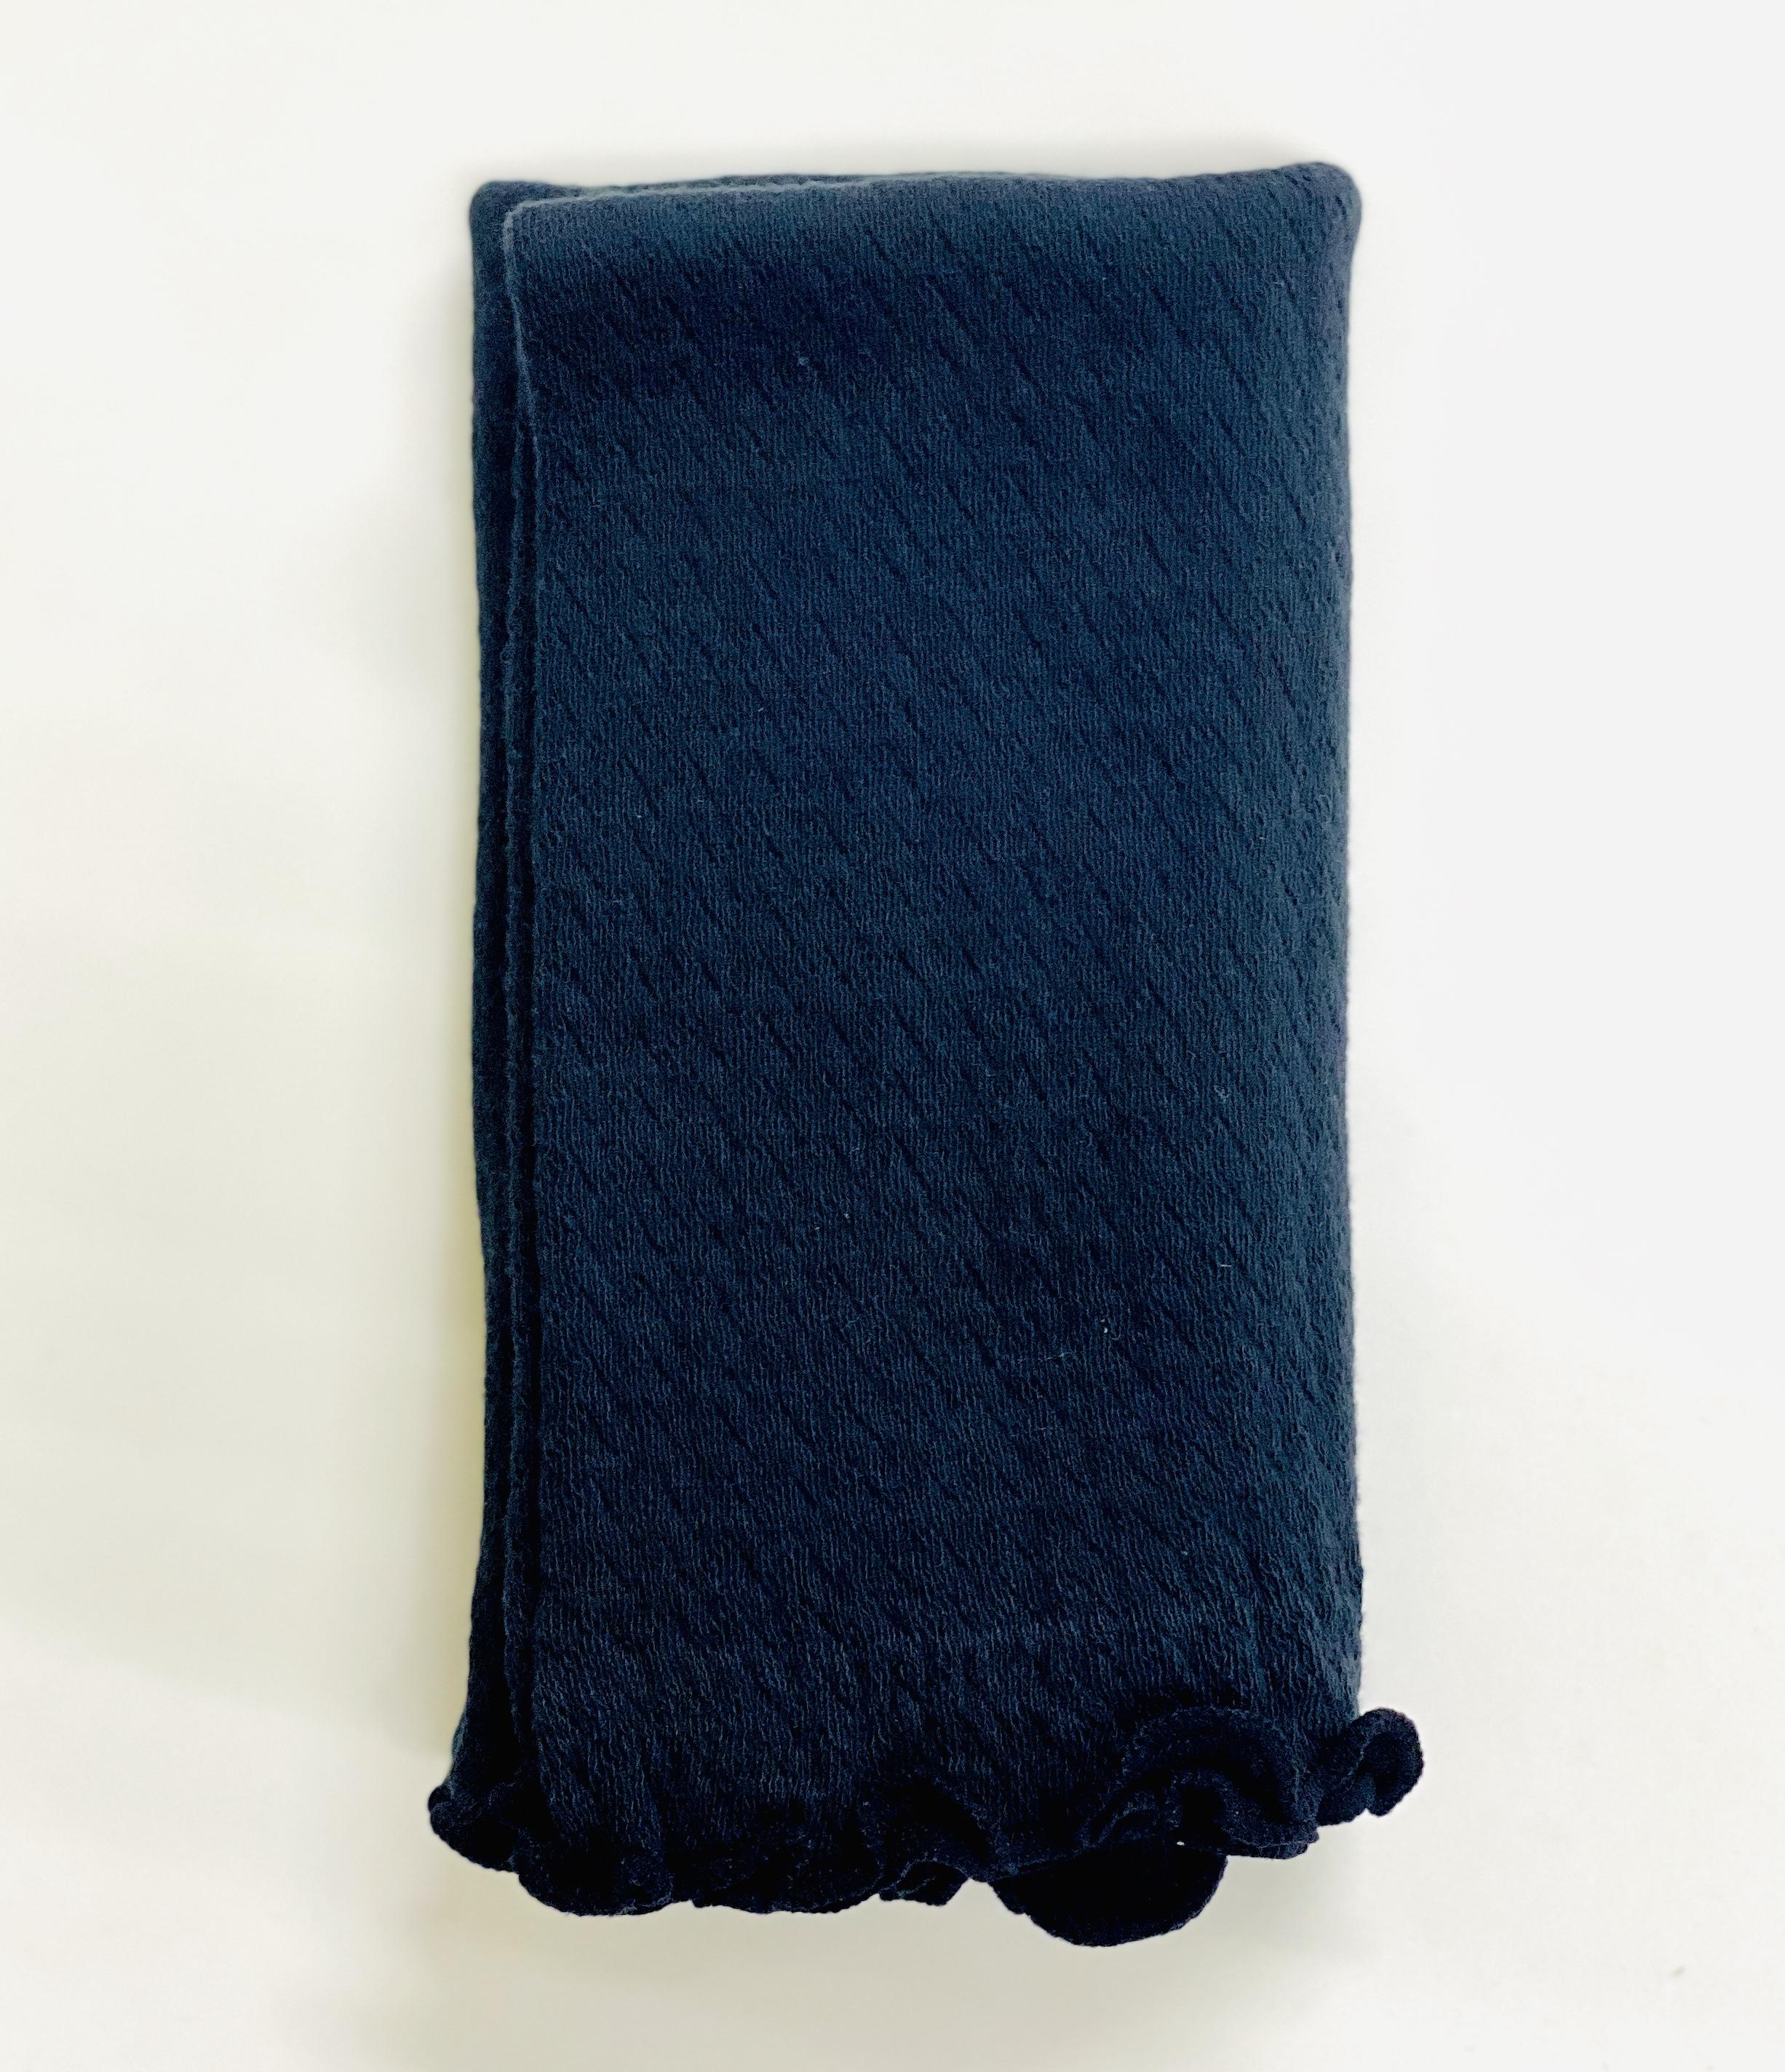 日本製 紀州備長炭繊維のはらまき